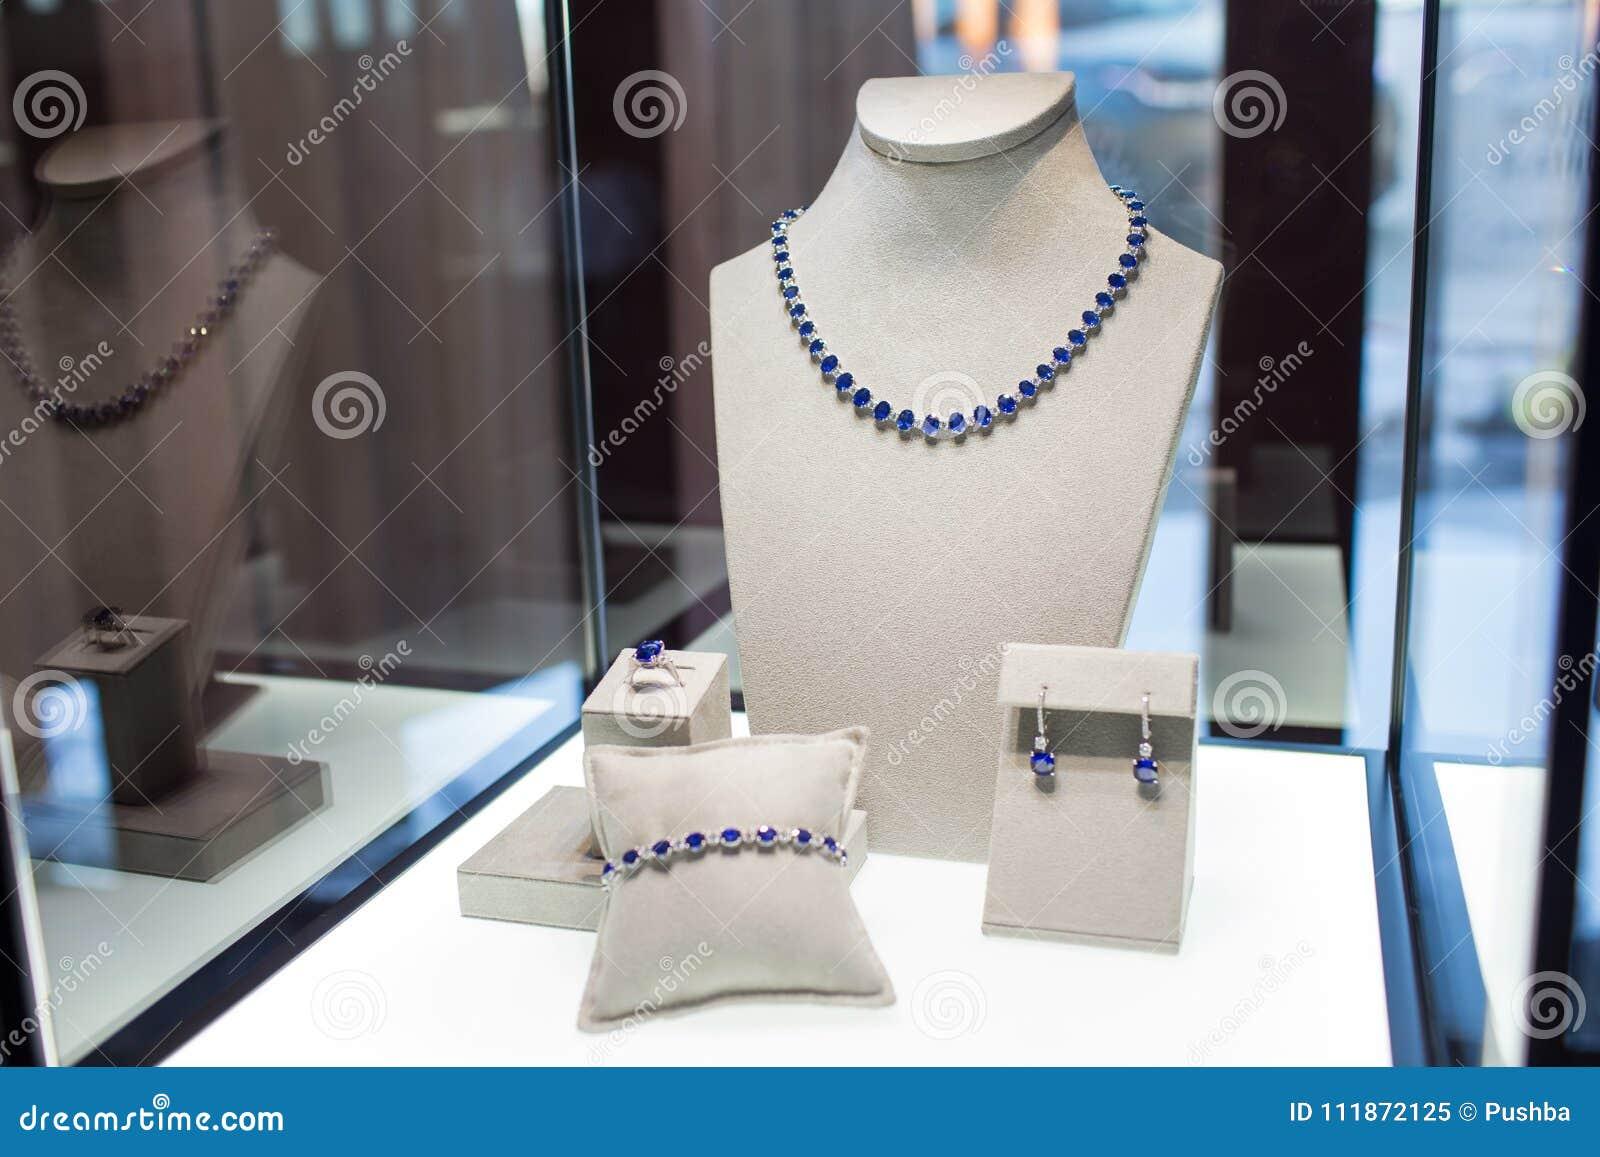 Grupo de joia com pedras azuis: colar, bracelete, anel e brincos